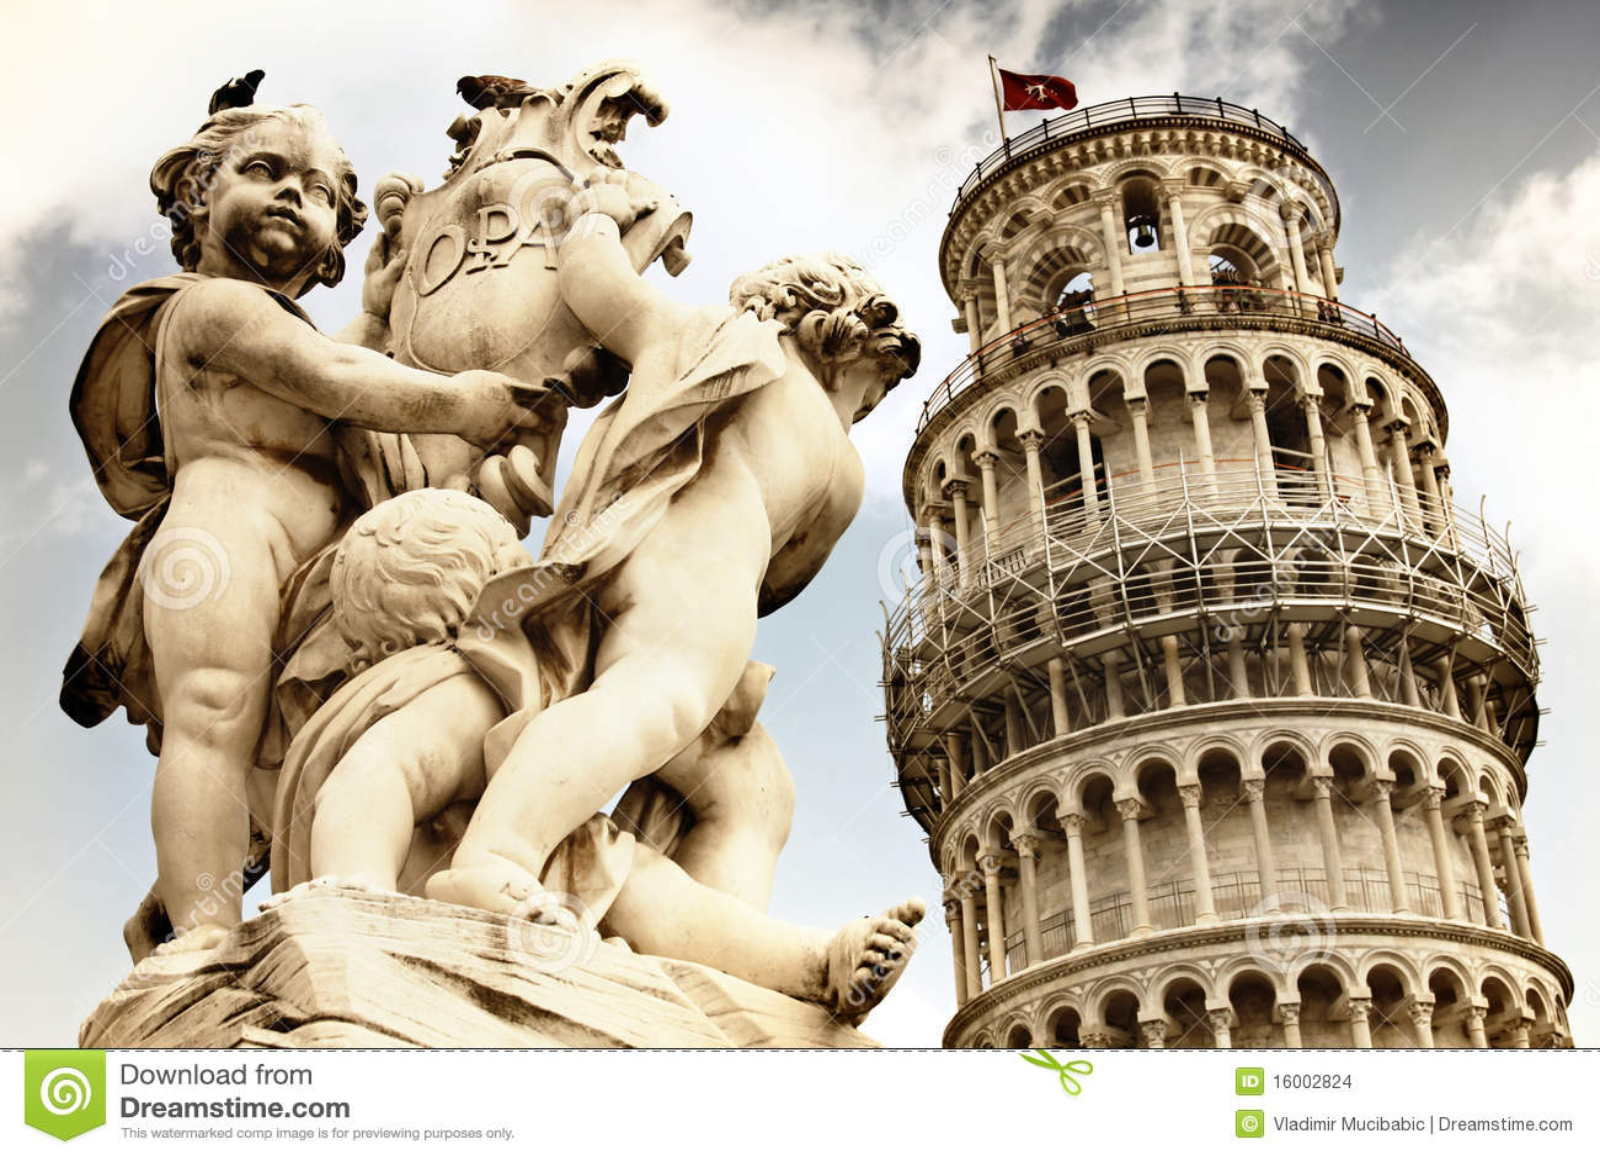 Italy pisa tuscany